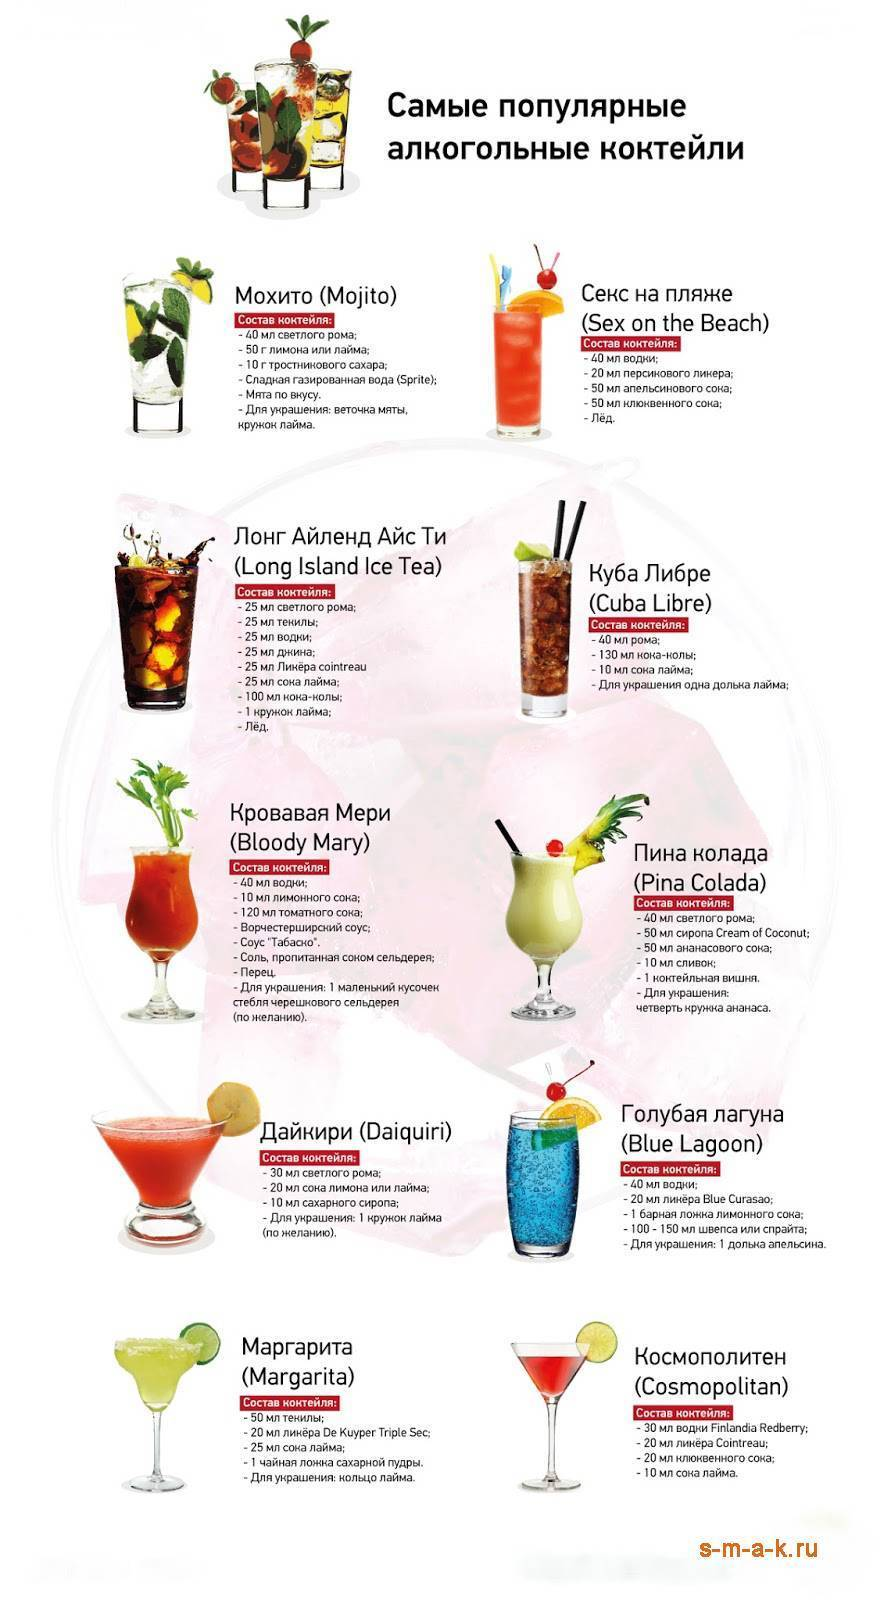 """Алкогольные коктейли со """"швепсом"""": рецепты с фото  — нескучные домохозяйки"""